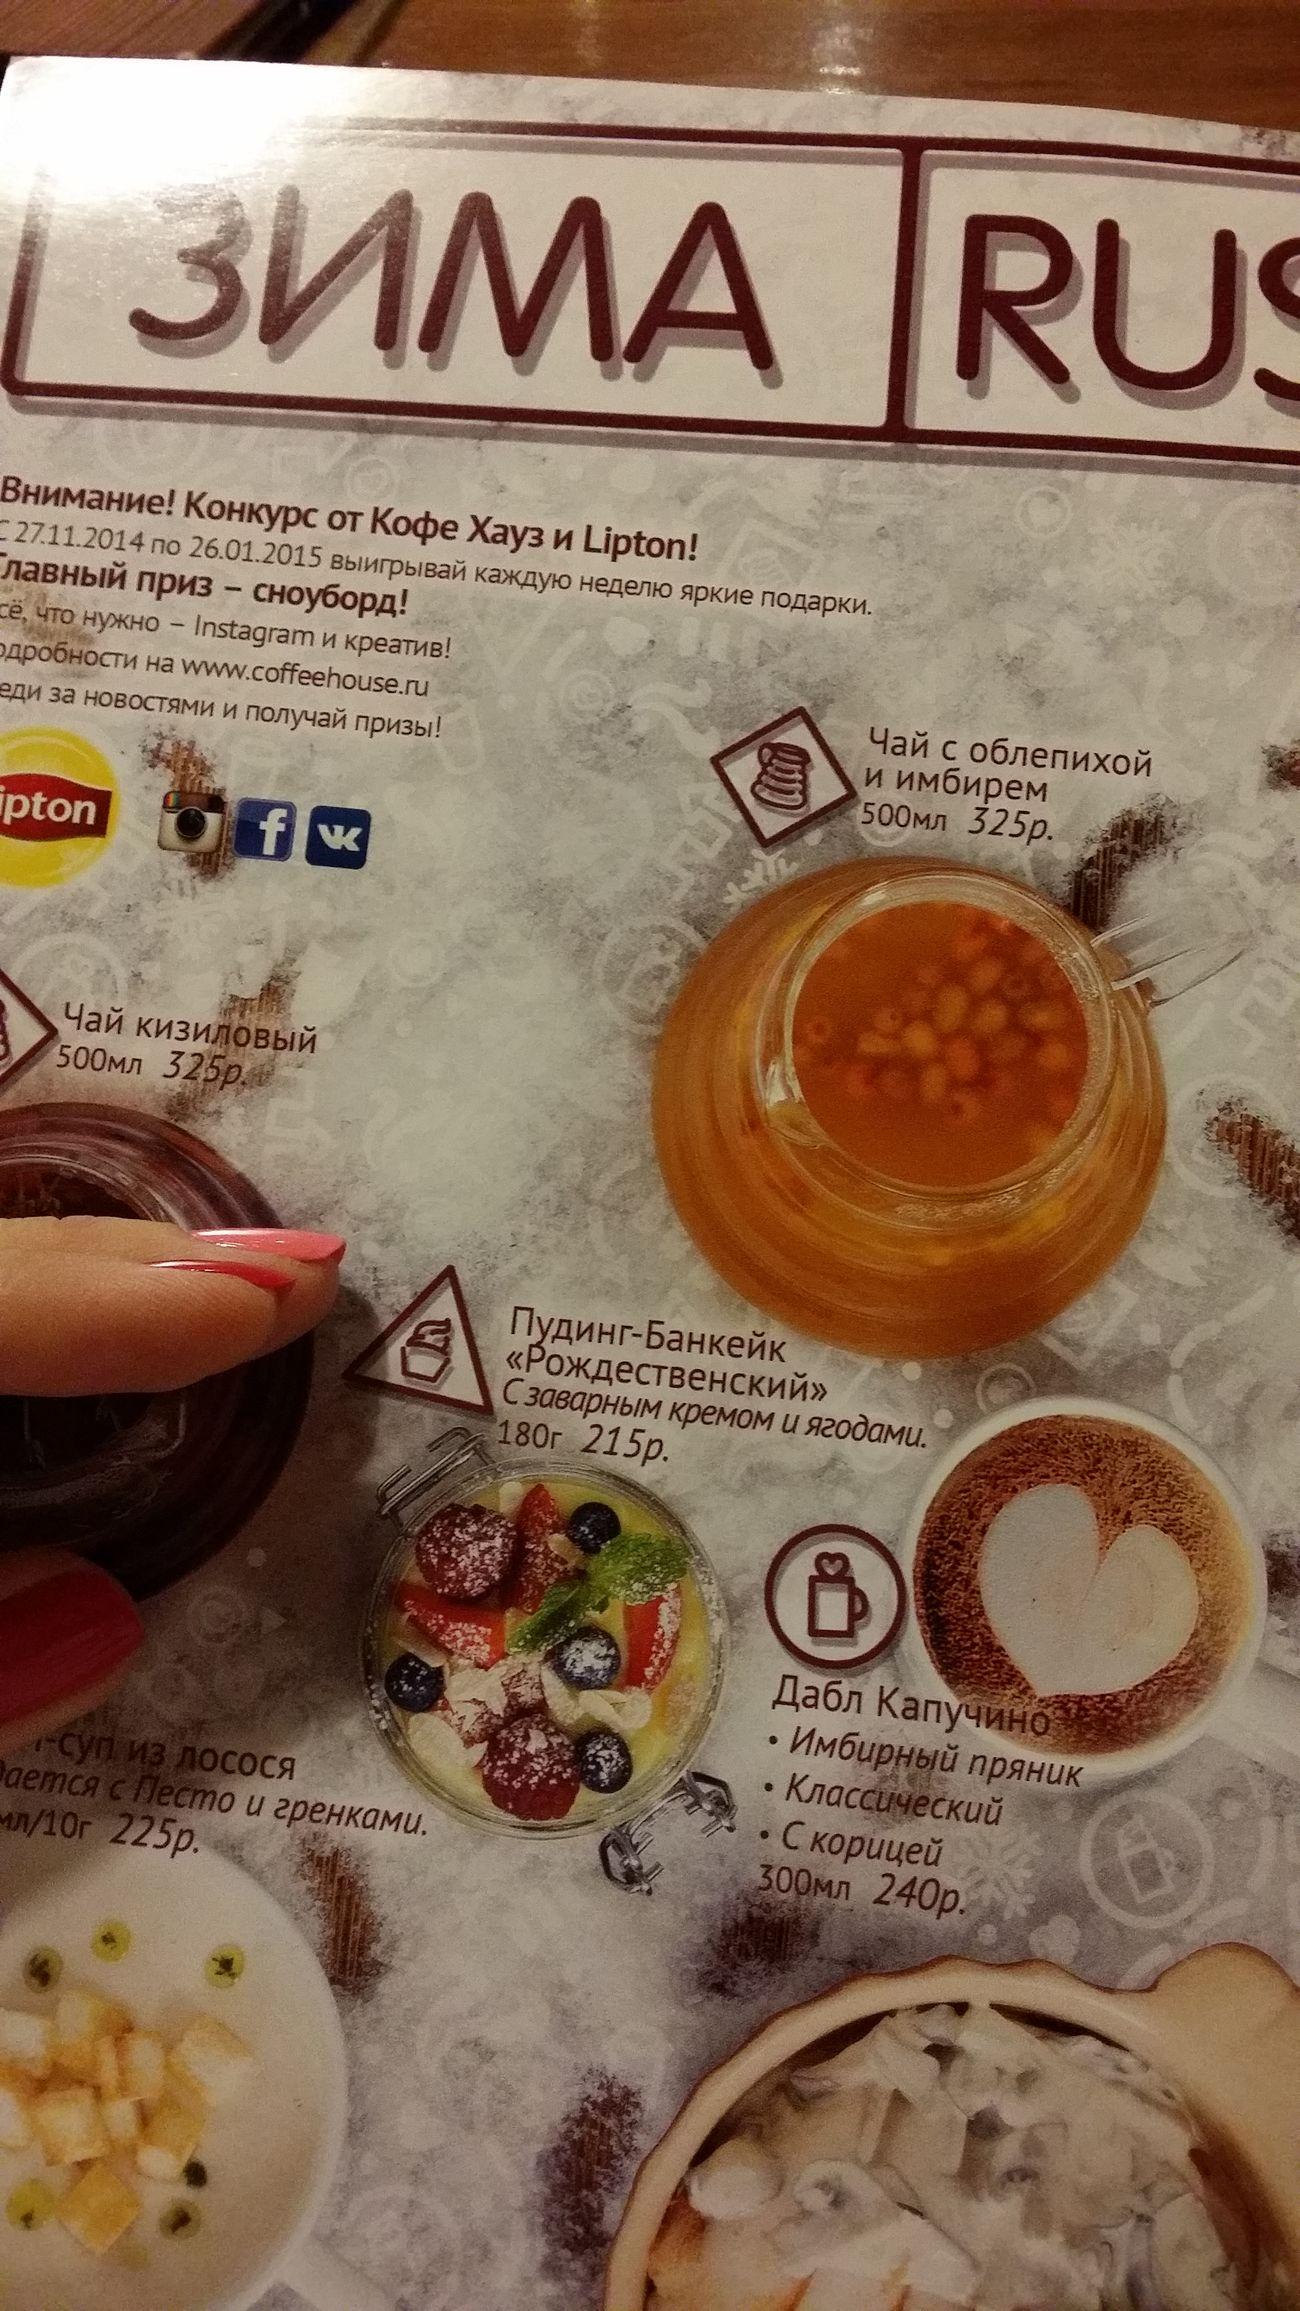 Зима RUS Cappucino Coffee